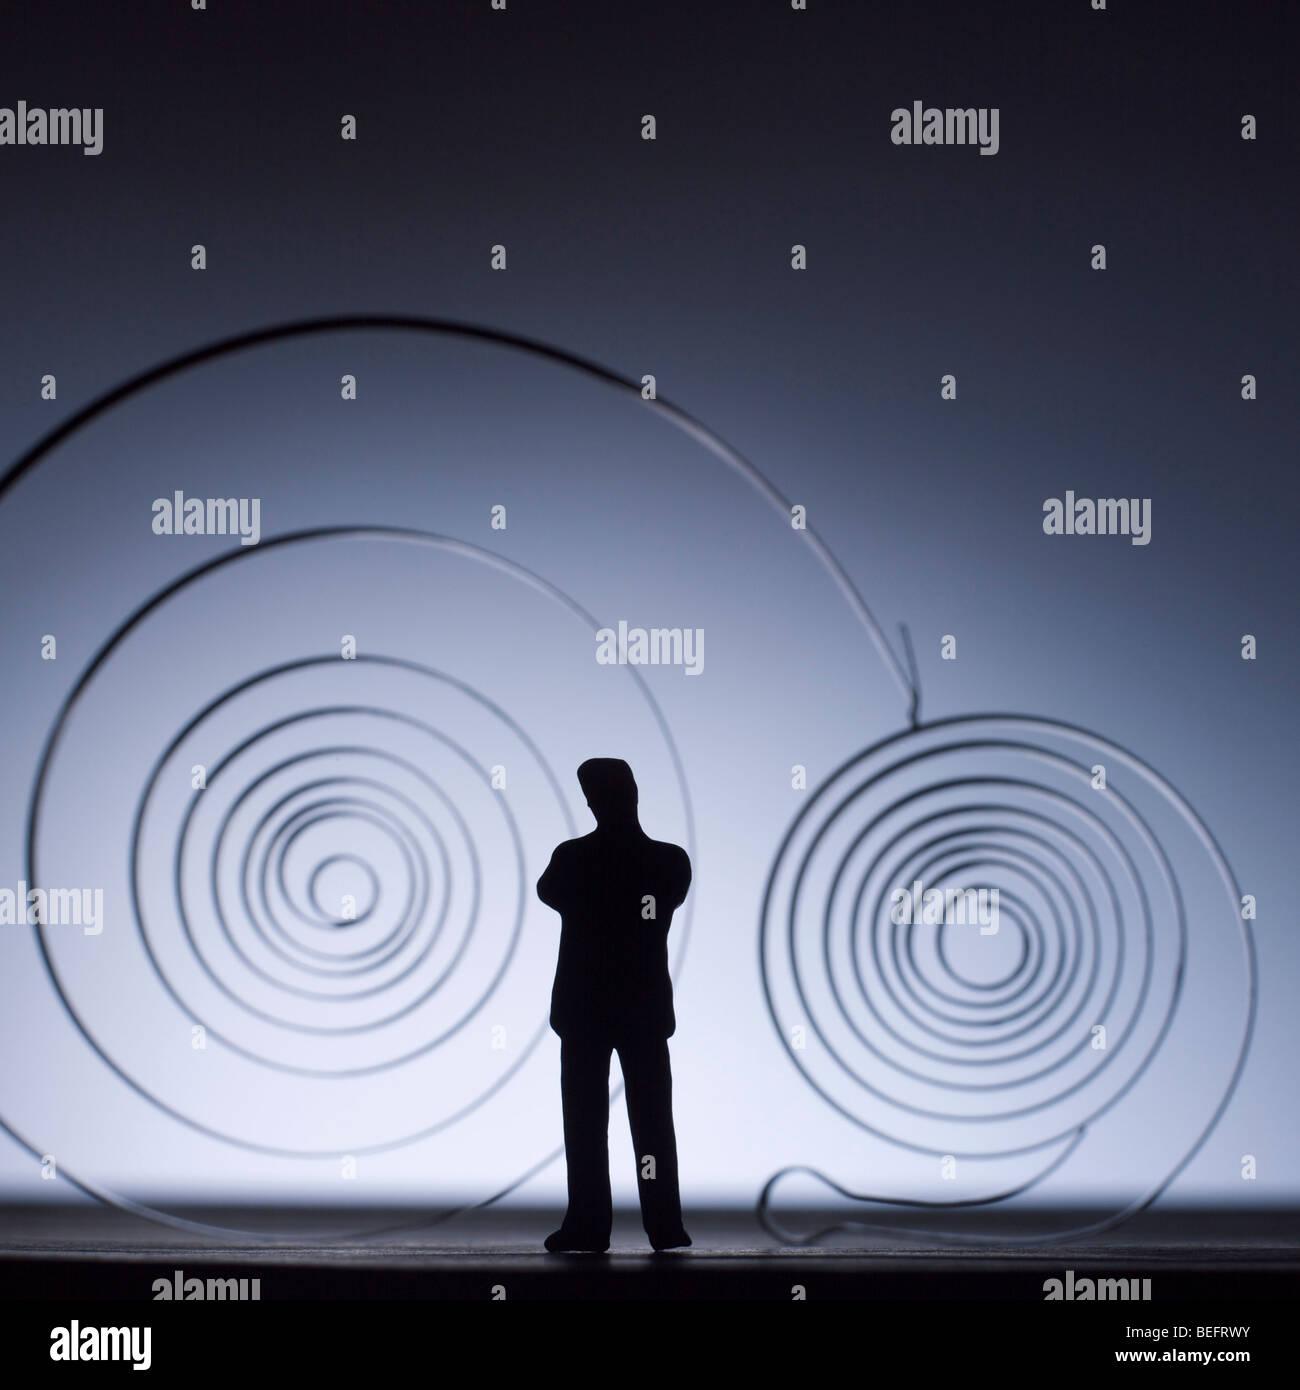 Kreativität / Ideen / Erfindung / Innovation / Industrie / Produktion Konzept - Metallspiralen und Geschäftsmann Stockbild